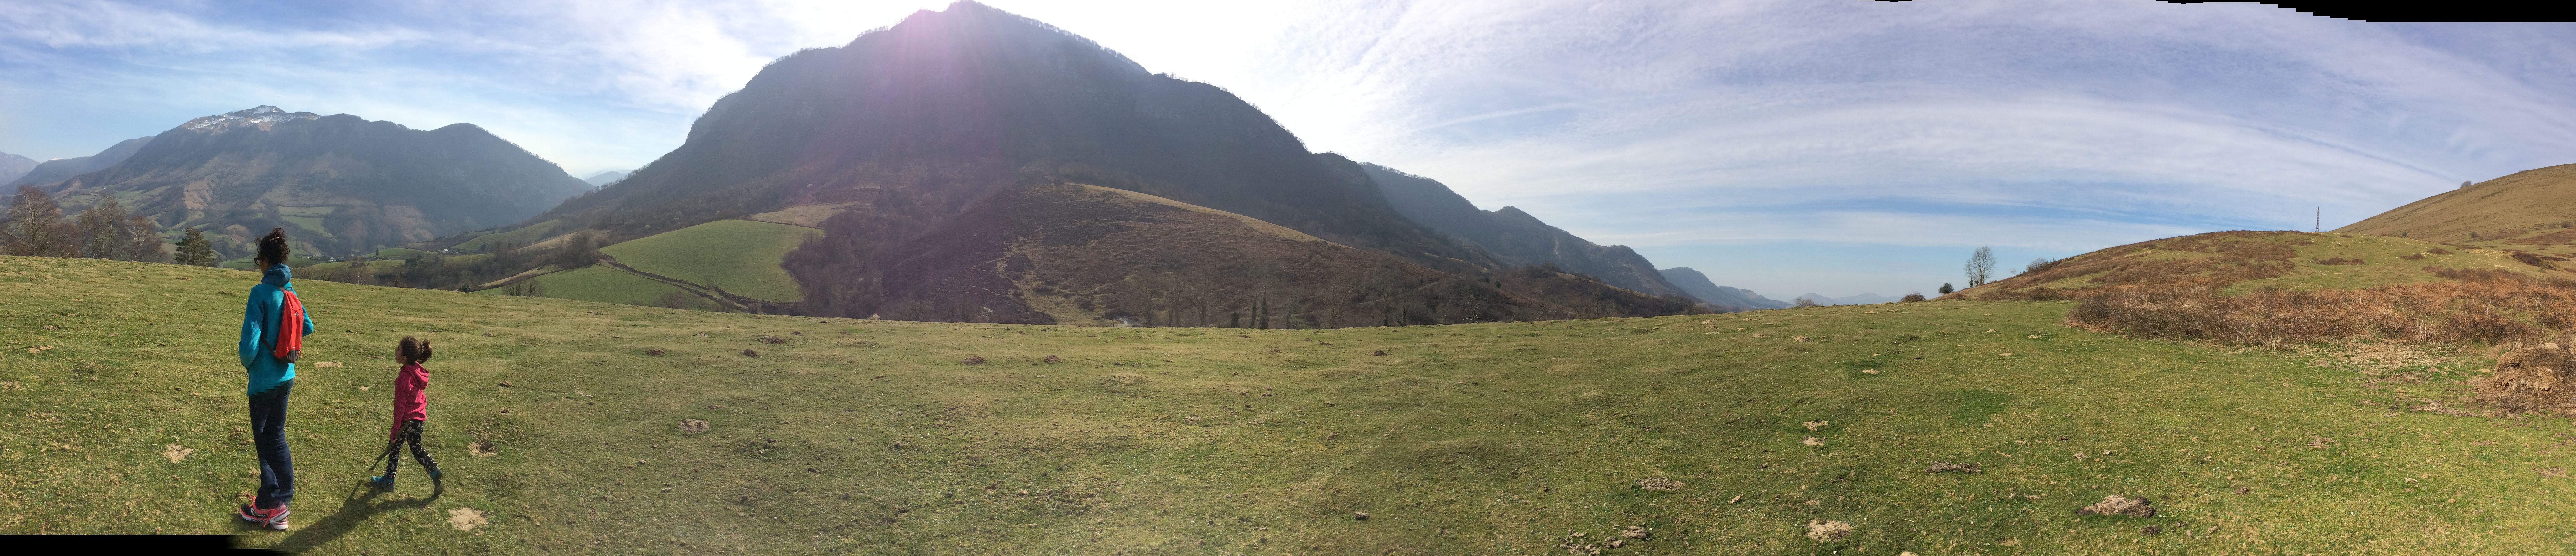 Anouk et fouzi en montagne